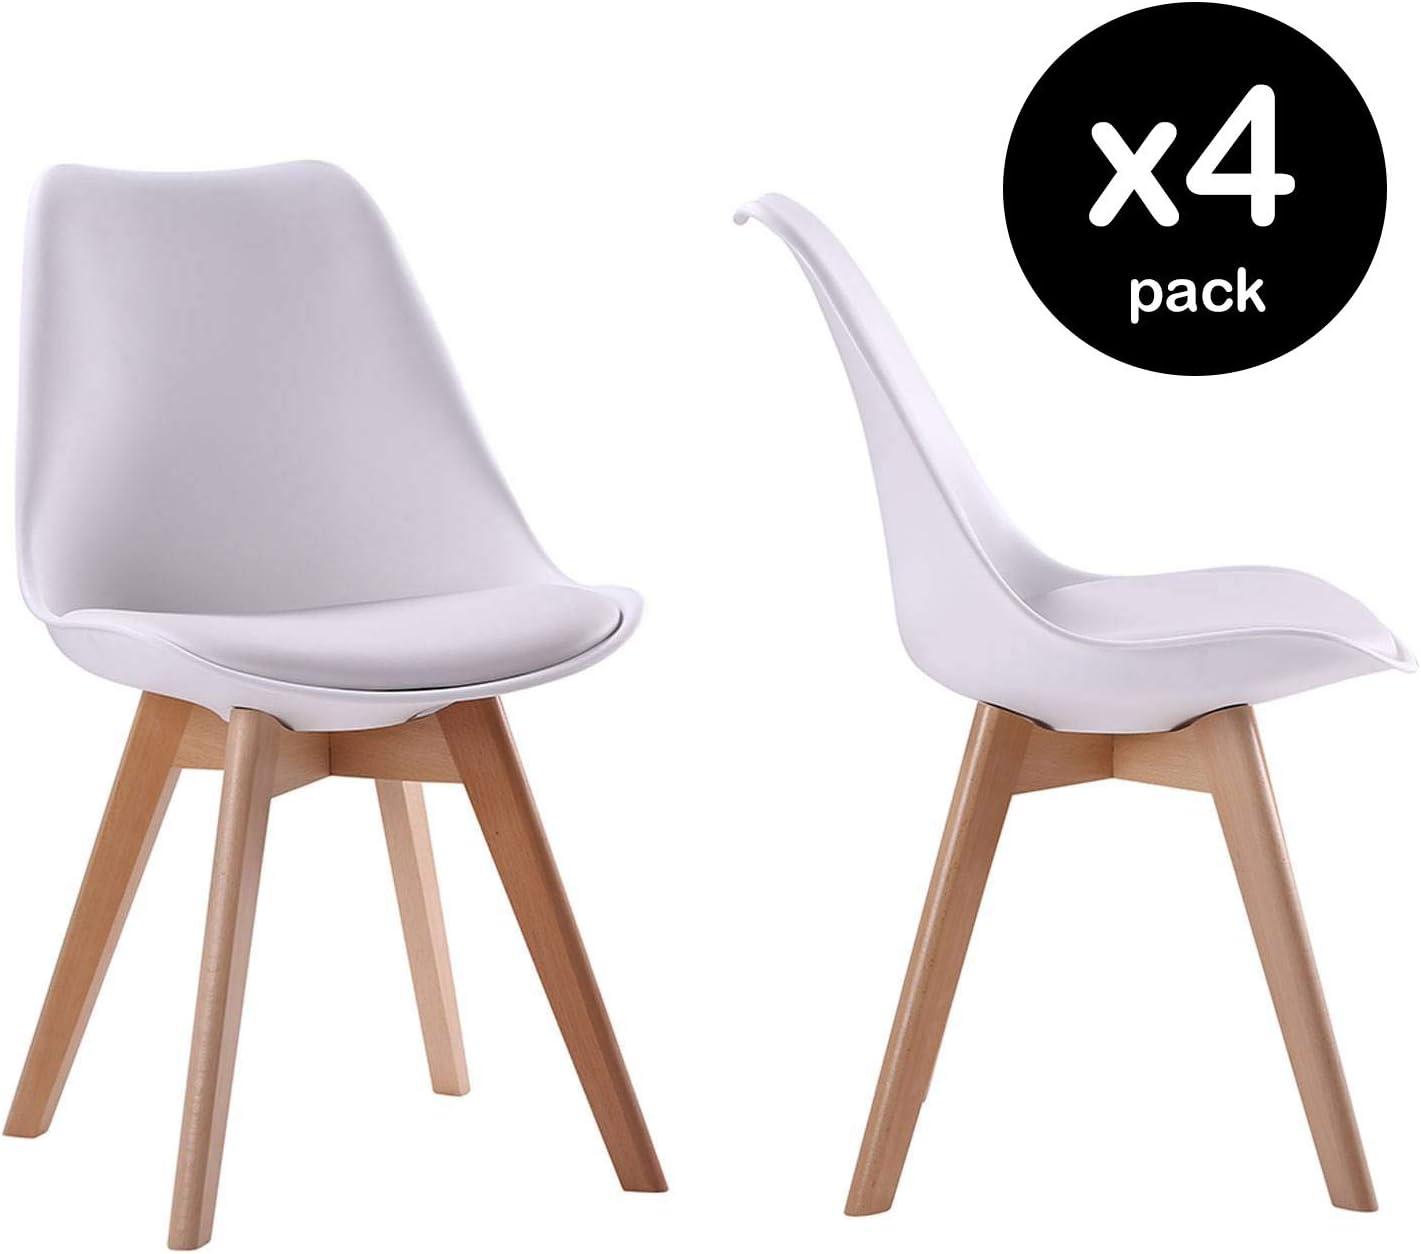 modello Senja Set di 4 sedie scandinave con cuscini e gambe in legno massello Beneffito